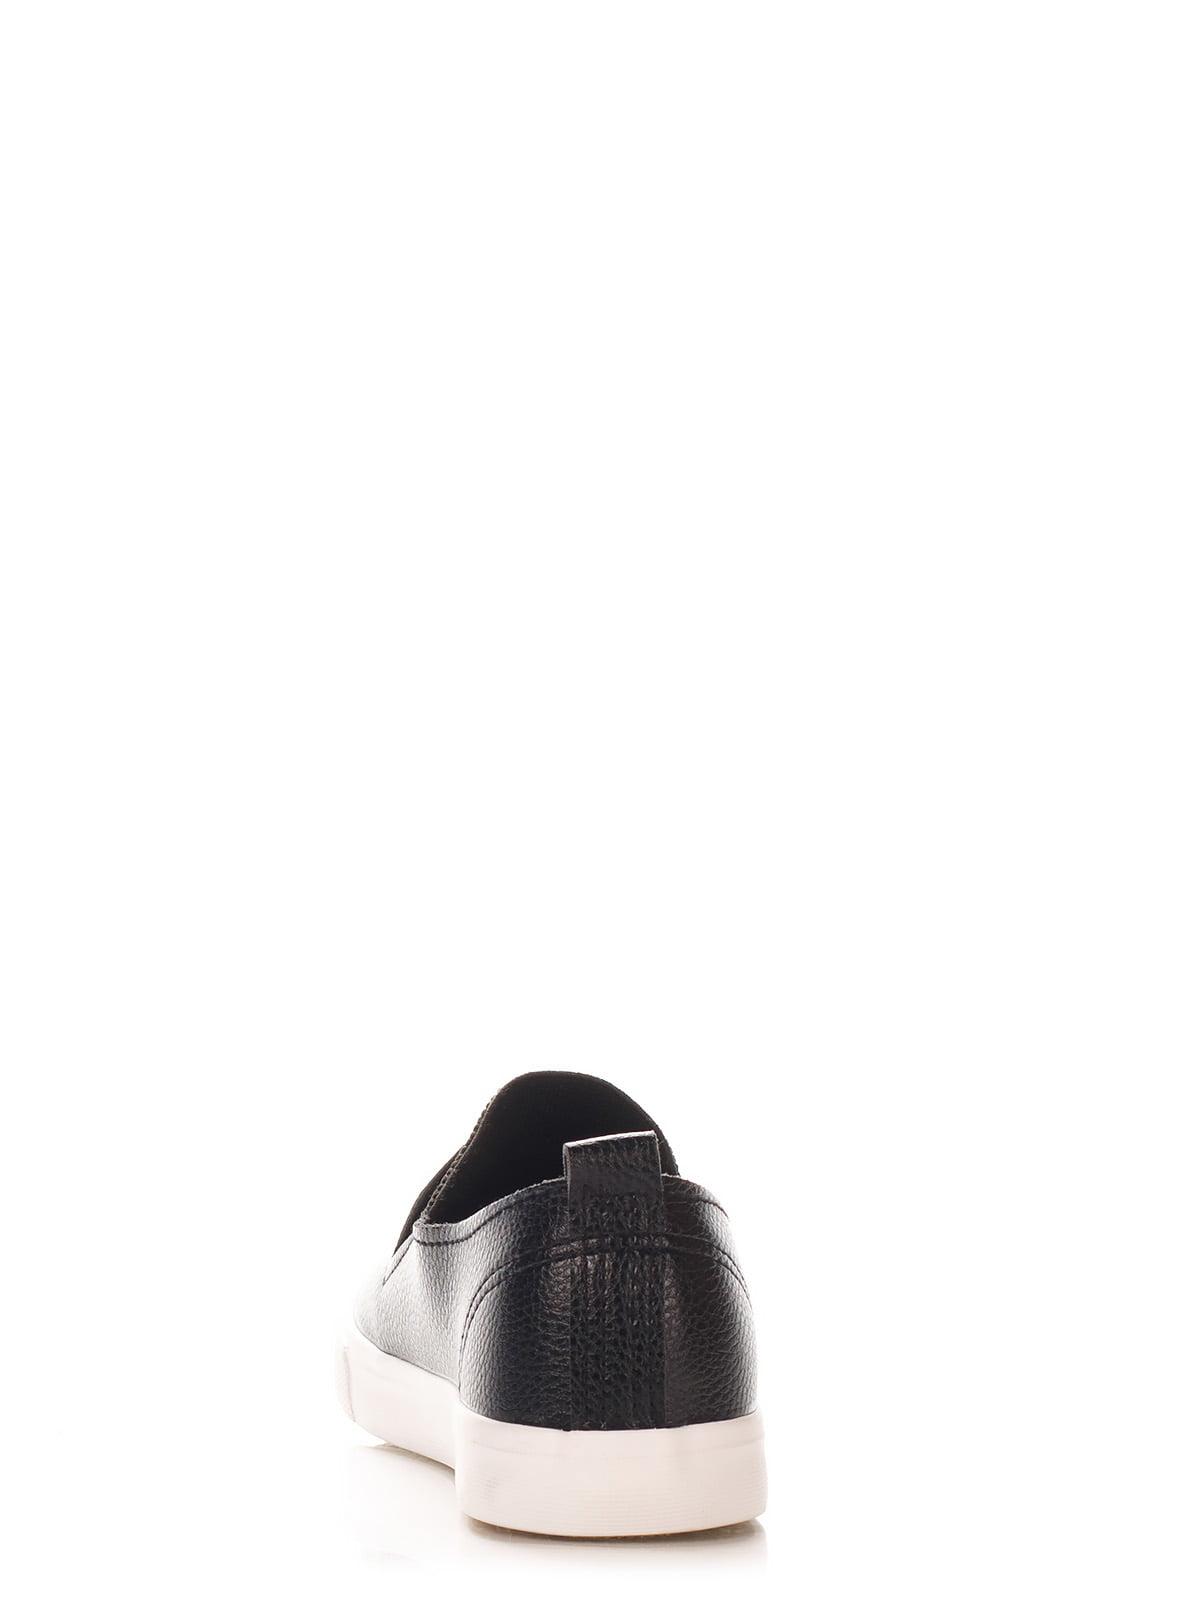 Слипоны черные с принтом | 2561857 | фото 4